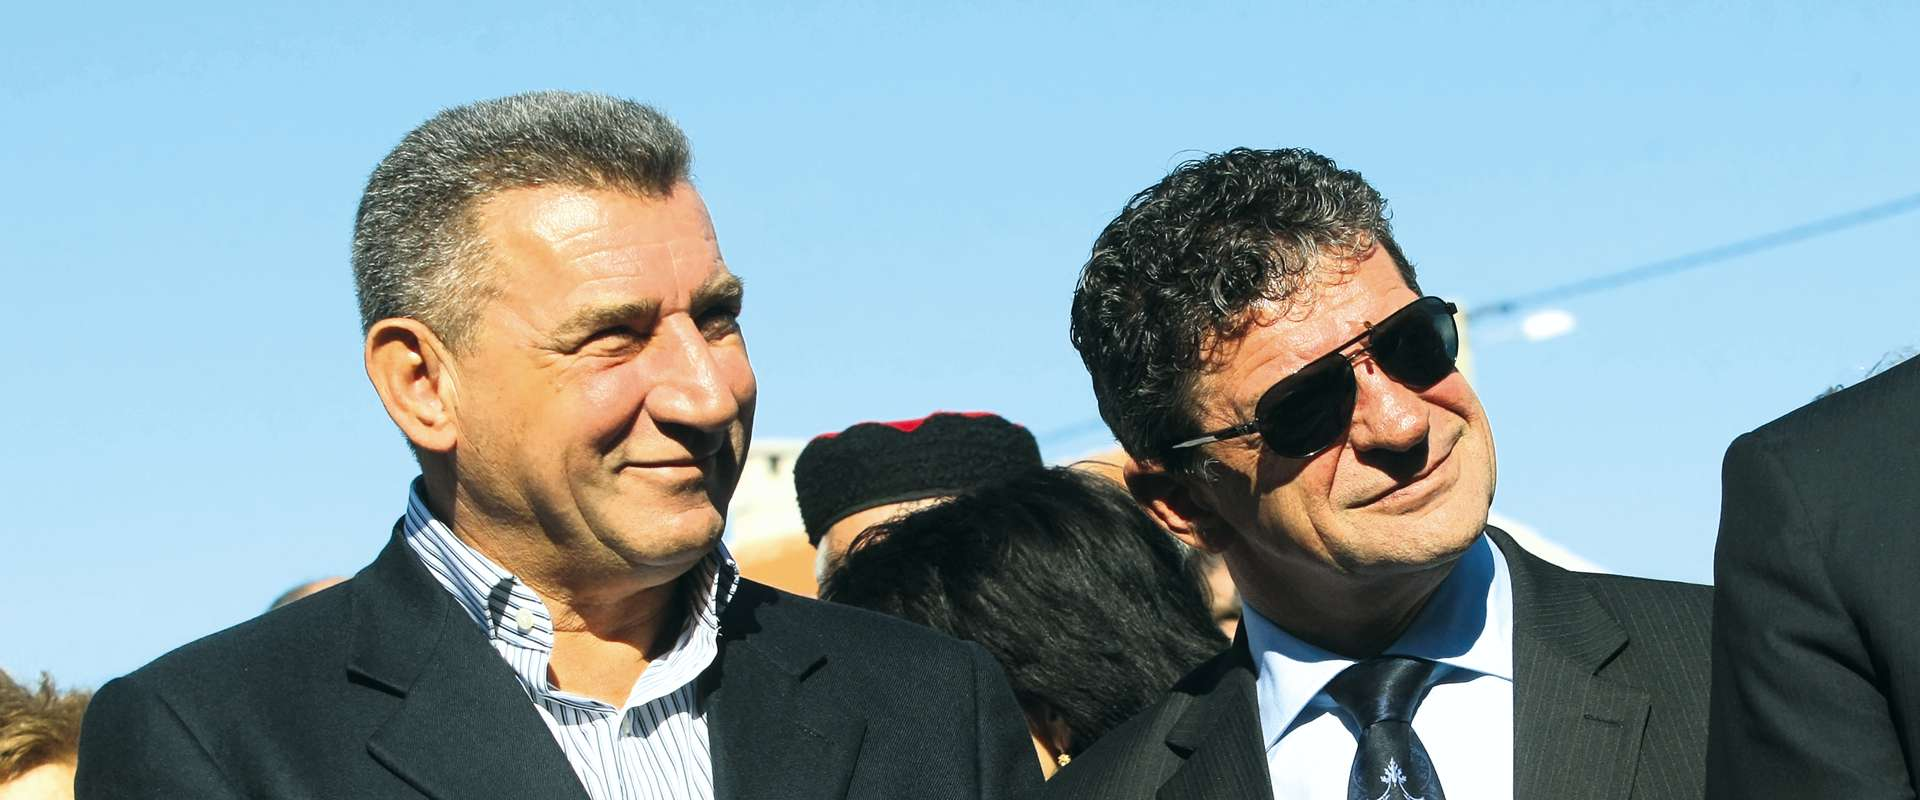 EKSKLUZIVNO: Željko Dilber pod sumnjom za prevaru tešku 20 milijuna kuna